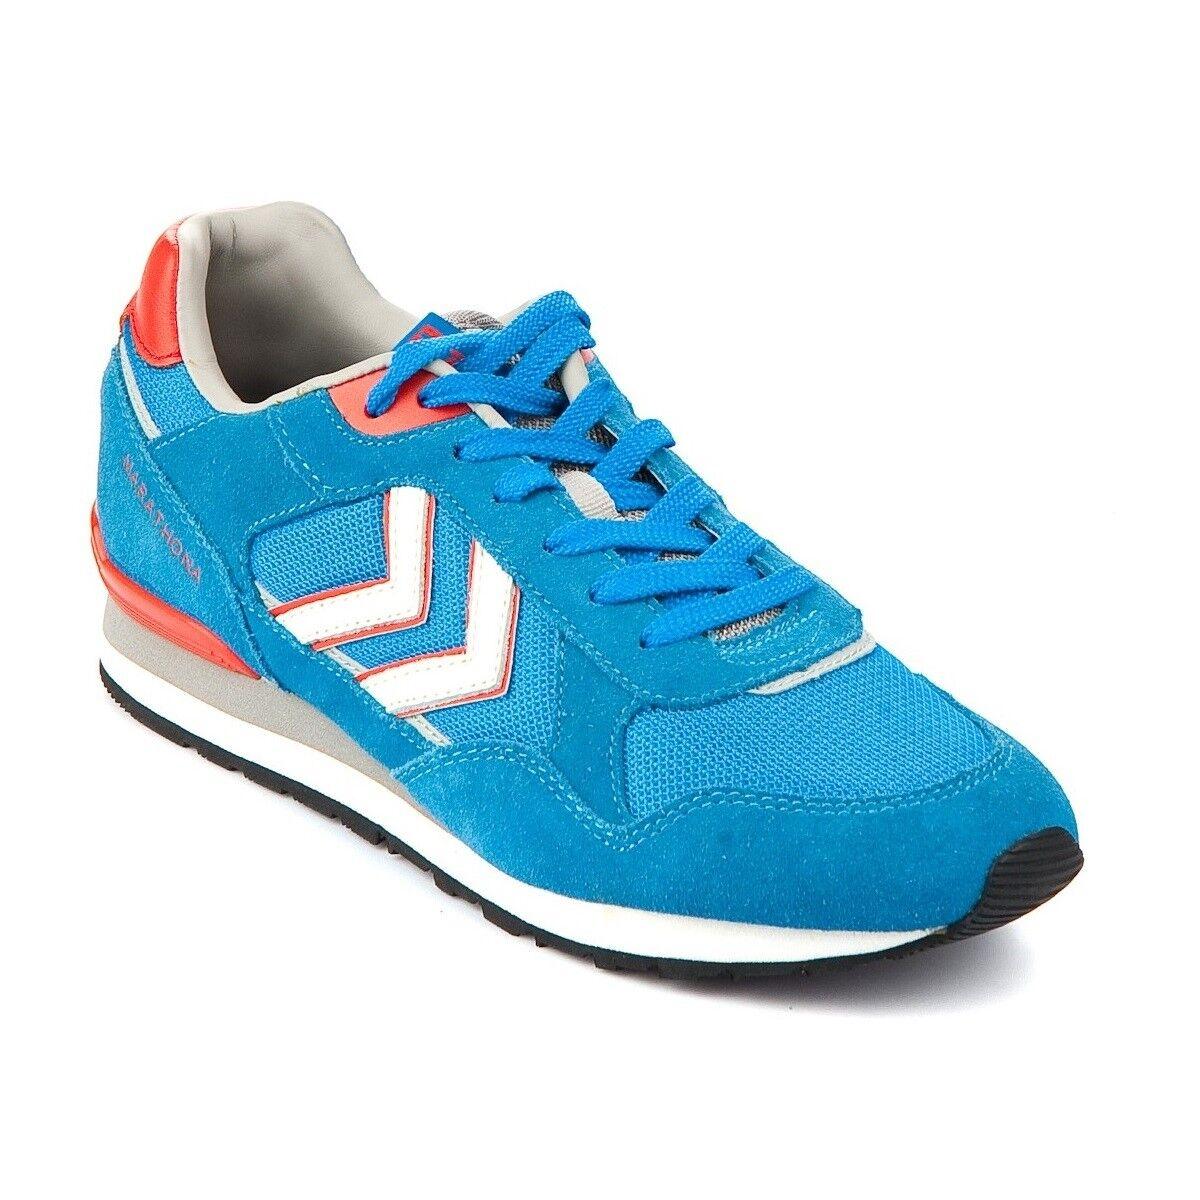 HUMMEL MARATHONA LOW running - Zapatillas casual retro running LOW unisex, color azul b2747f